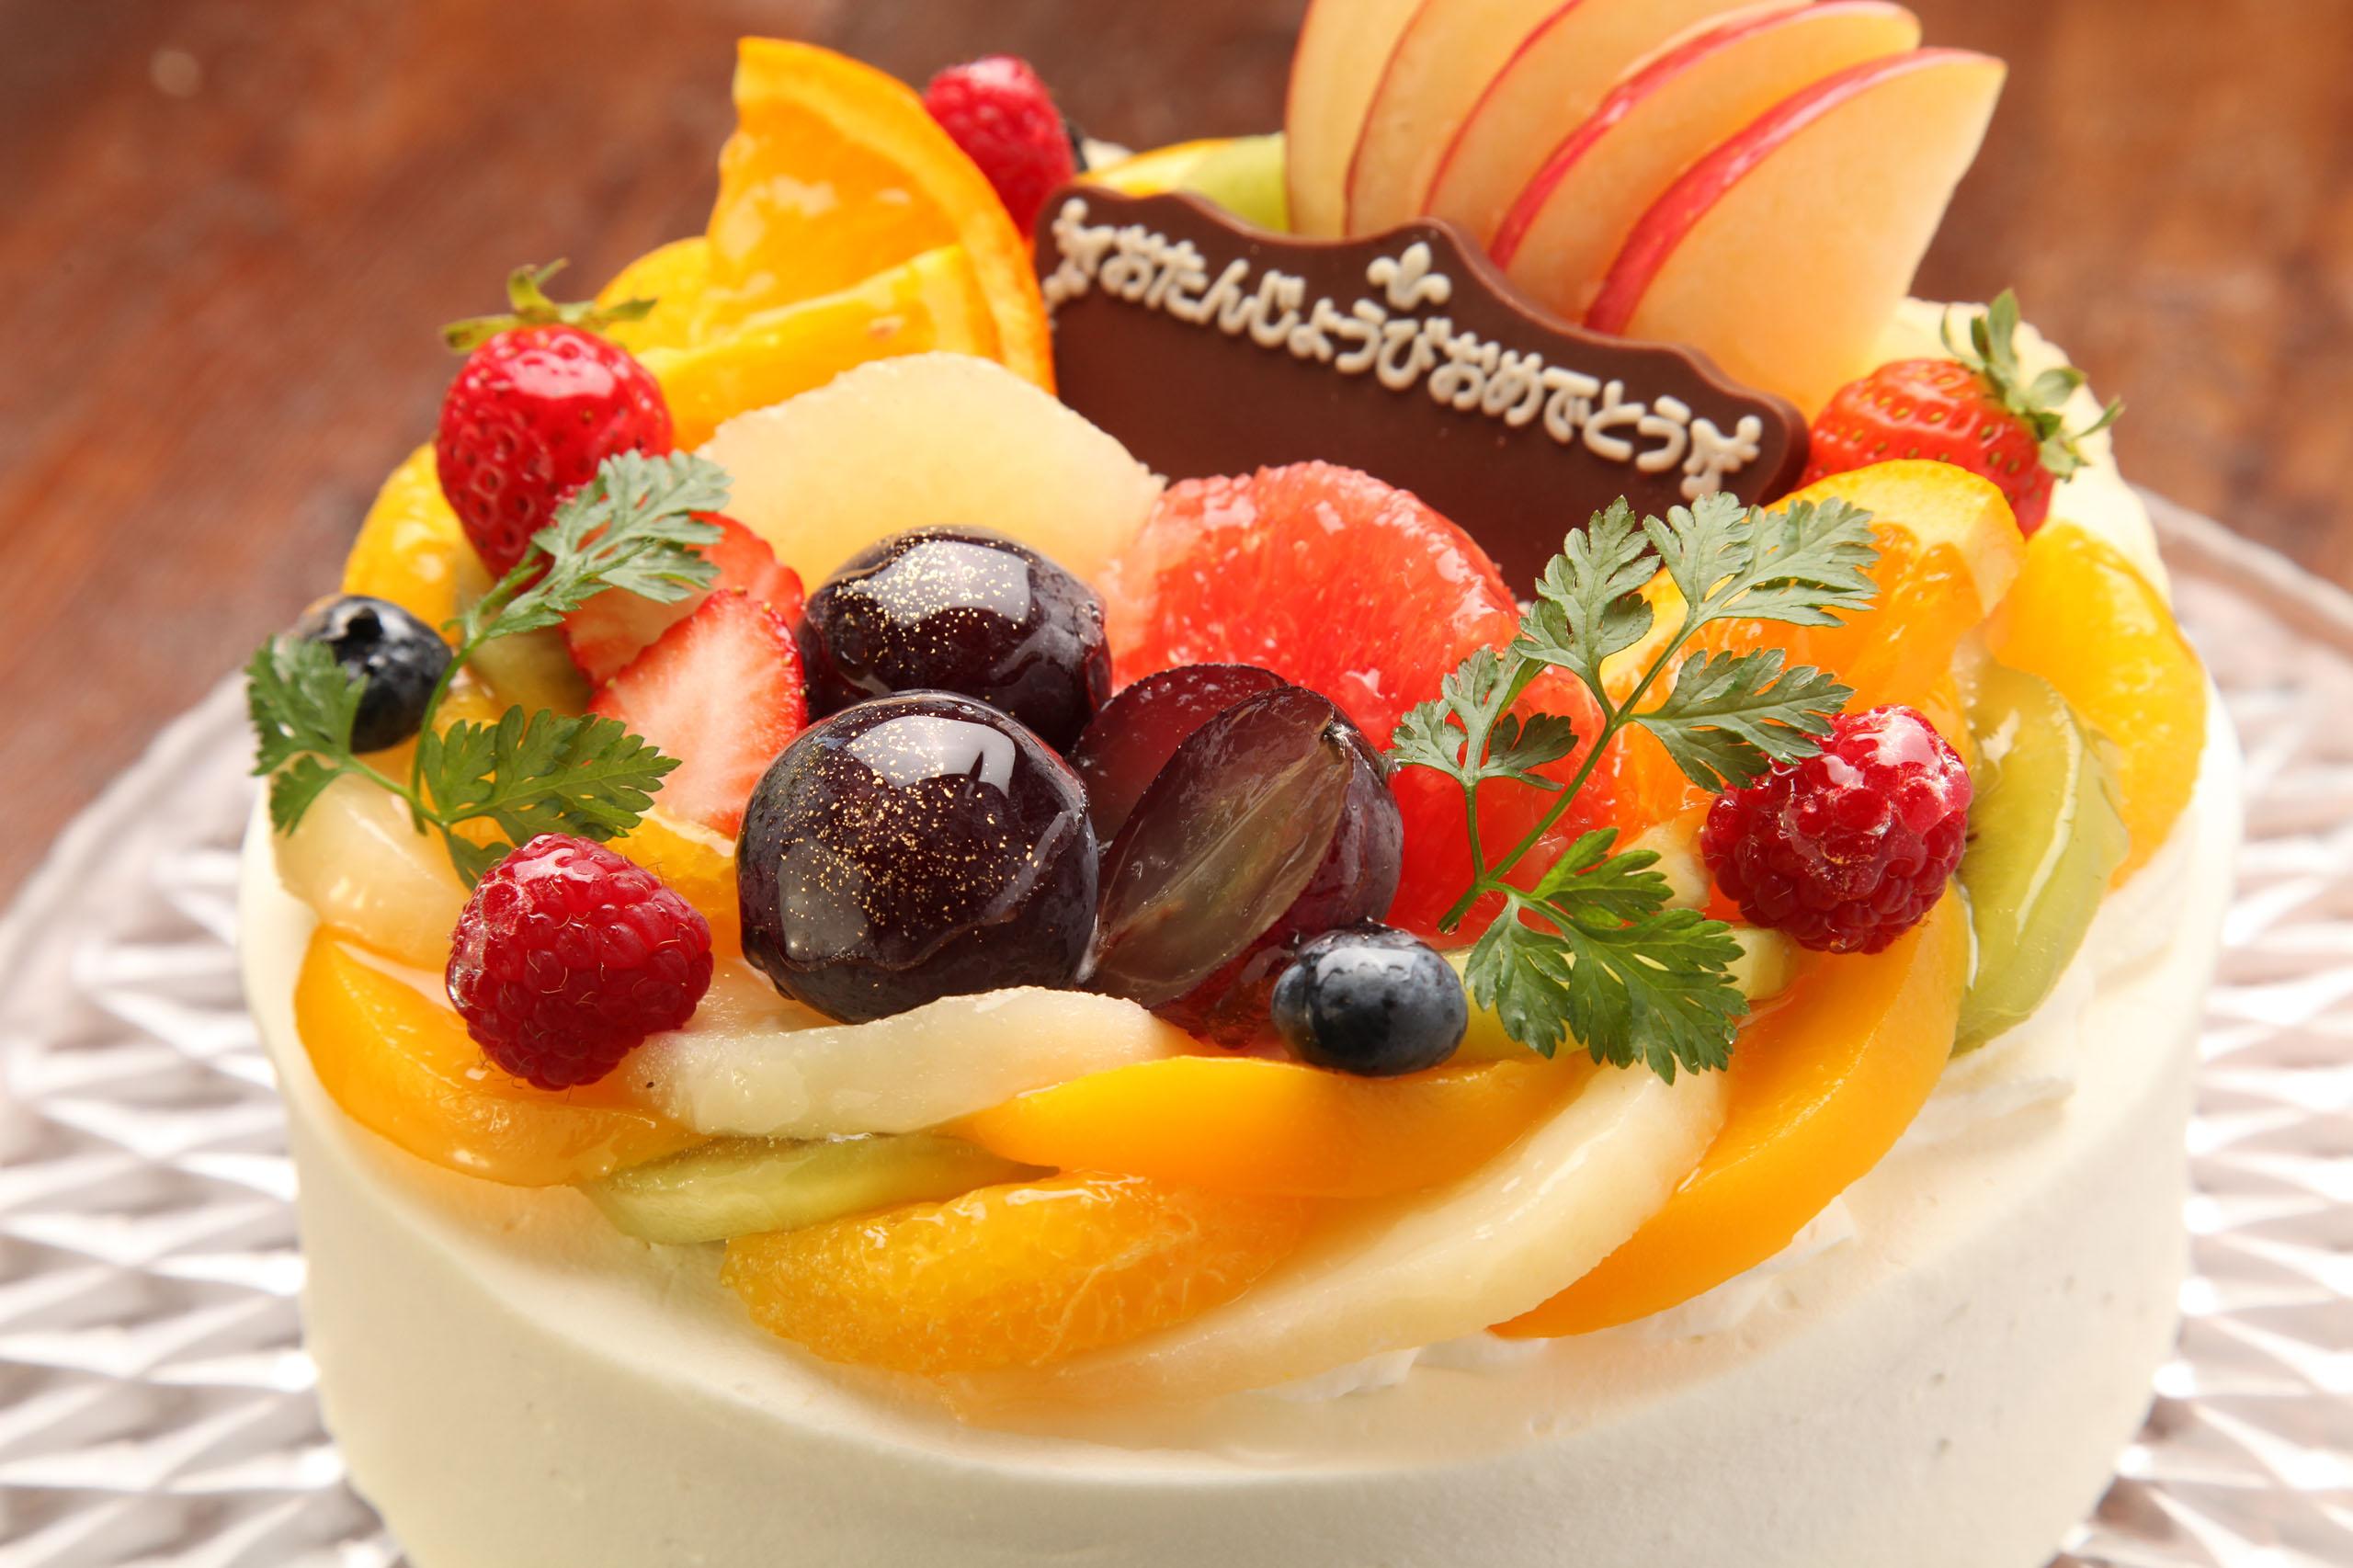 名古屋のケーキ屋さん特集!人気のカフェや有名パティシエのお店など!